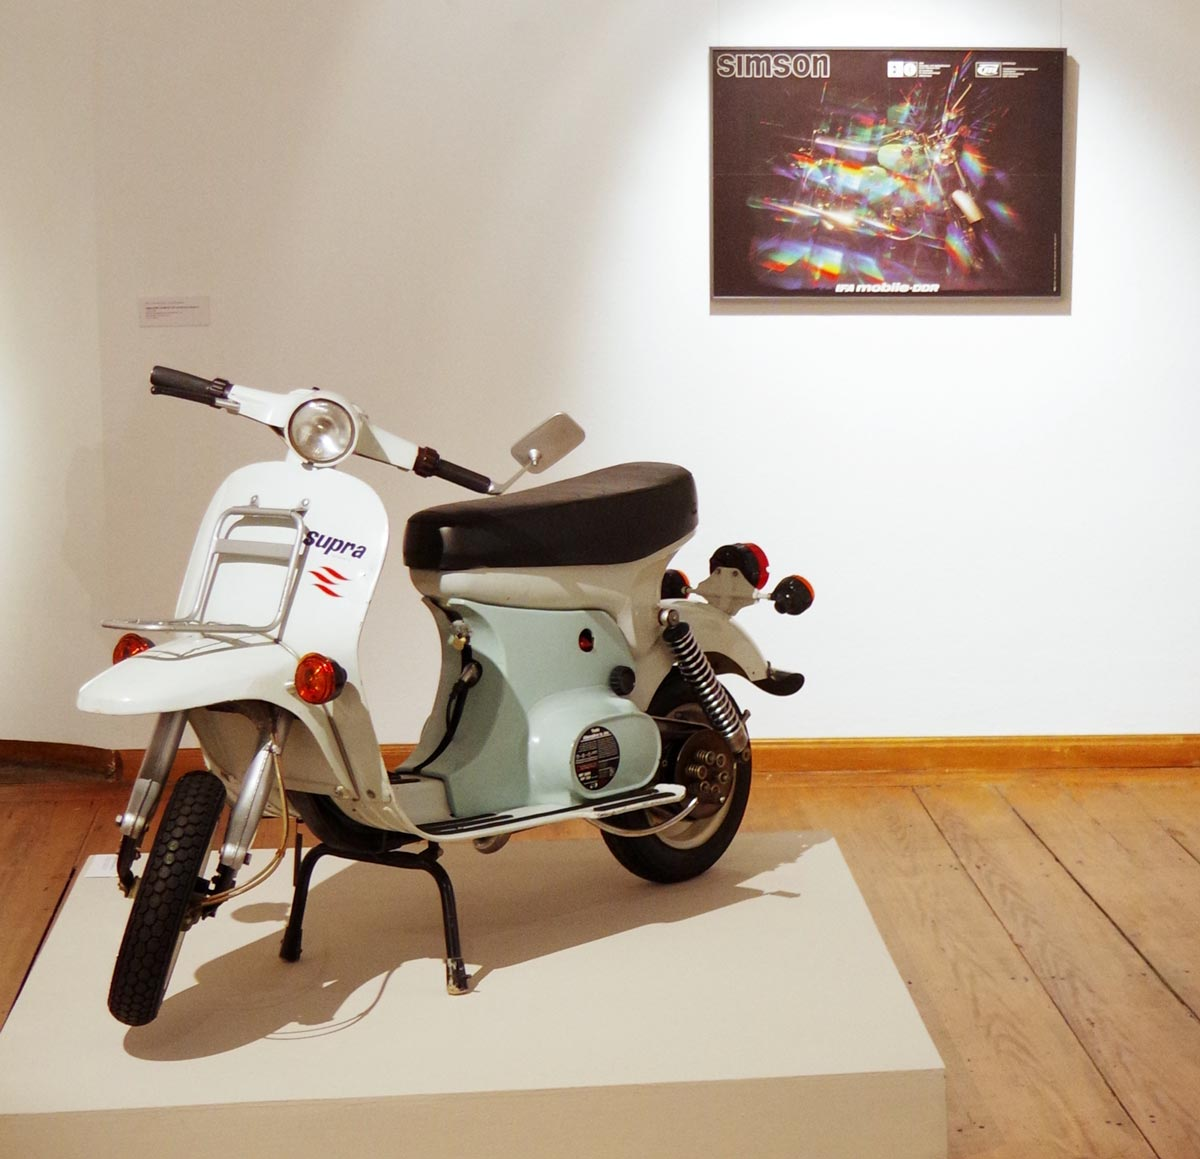 Motorroller Supra. Ausstellungsansicht, Museum für Angewandte Kunst Gera. Entwurf Lutz Rudolph und Clauss Dietel.